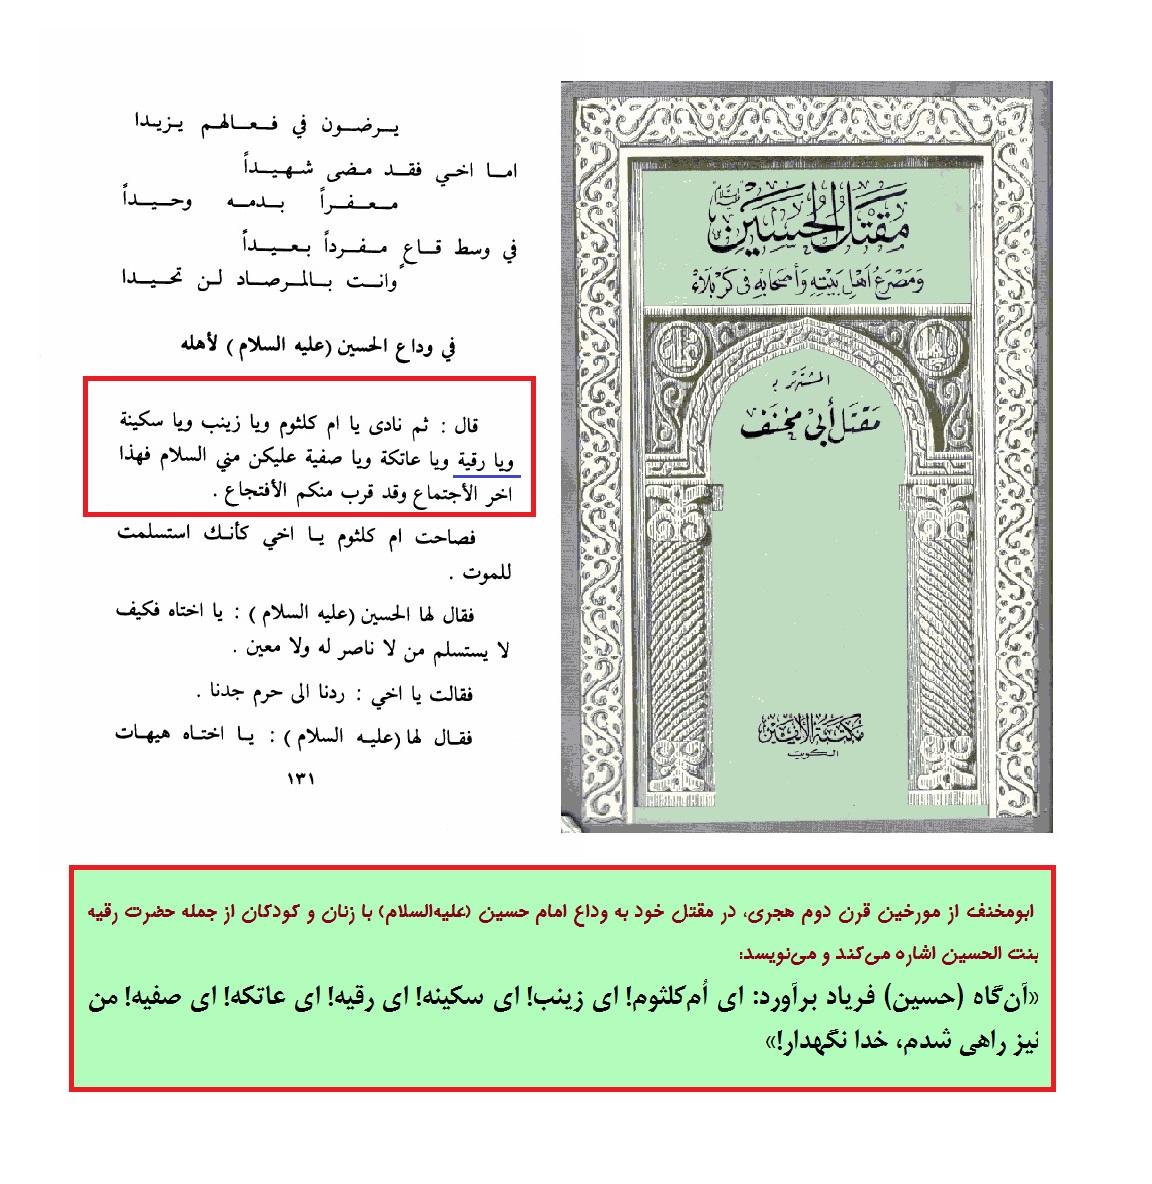 اثبات وجود حضرت رقیه در مقتل ابومخنف